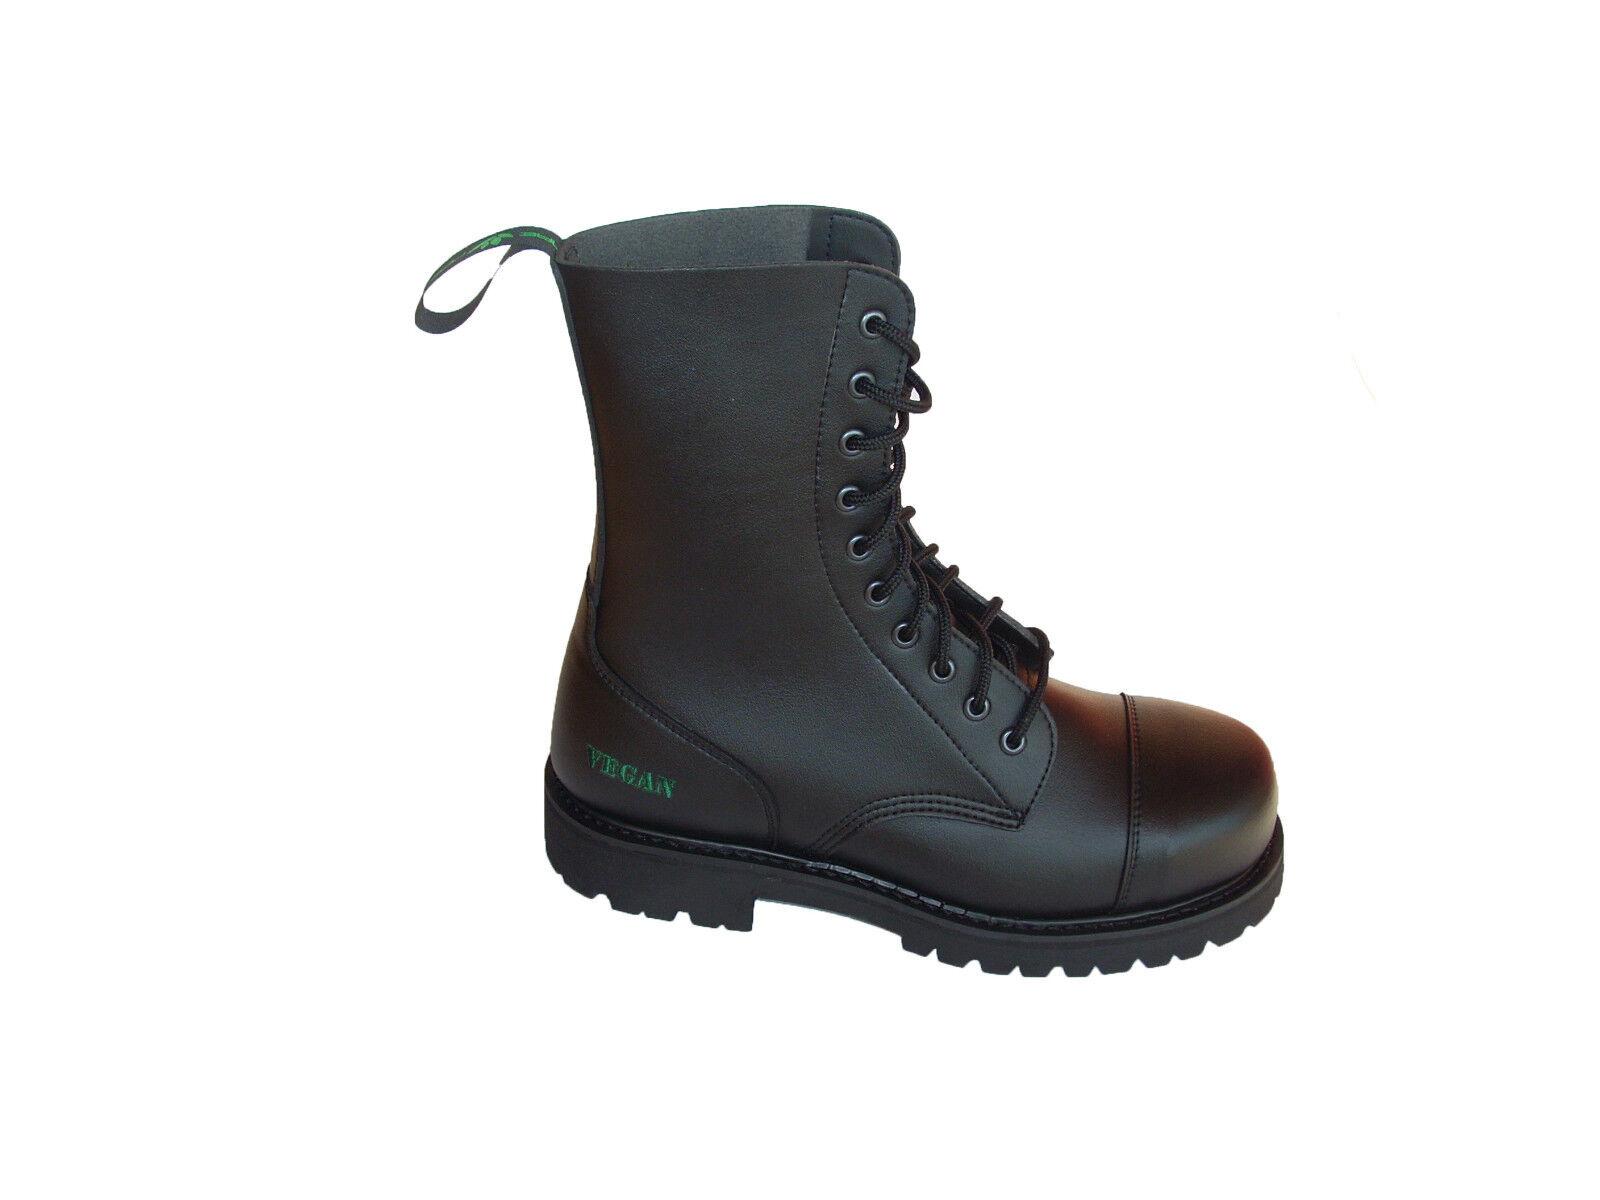 Vegane, Schnürung. Stiefel mit Stahlkappe und Schnürung. Vegane, Hergestellt aus Mikrofrasern. 261b9d